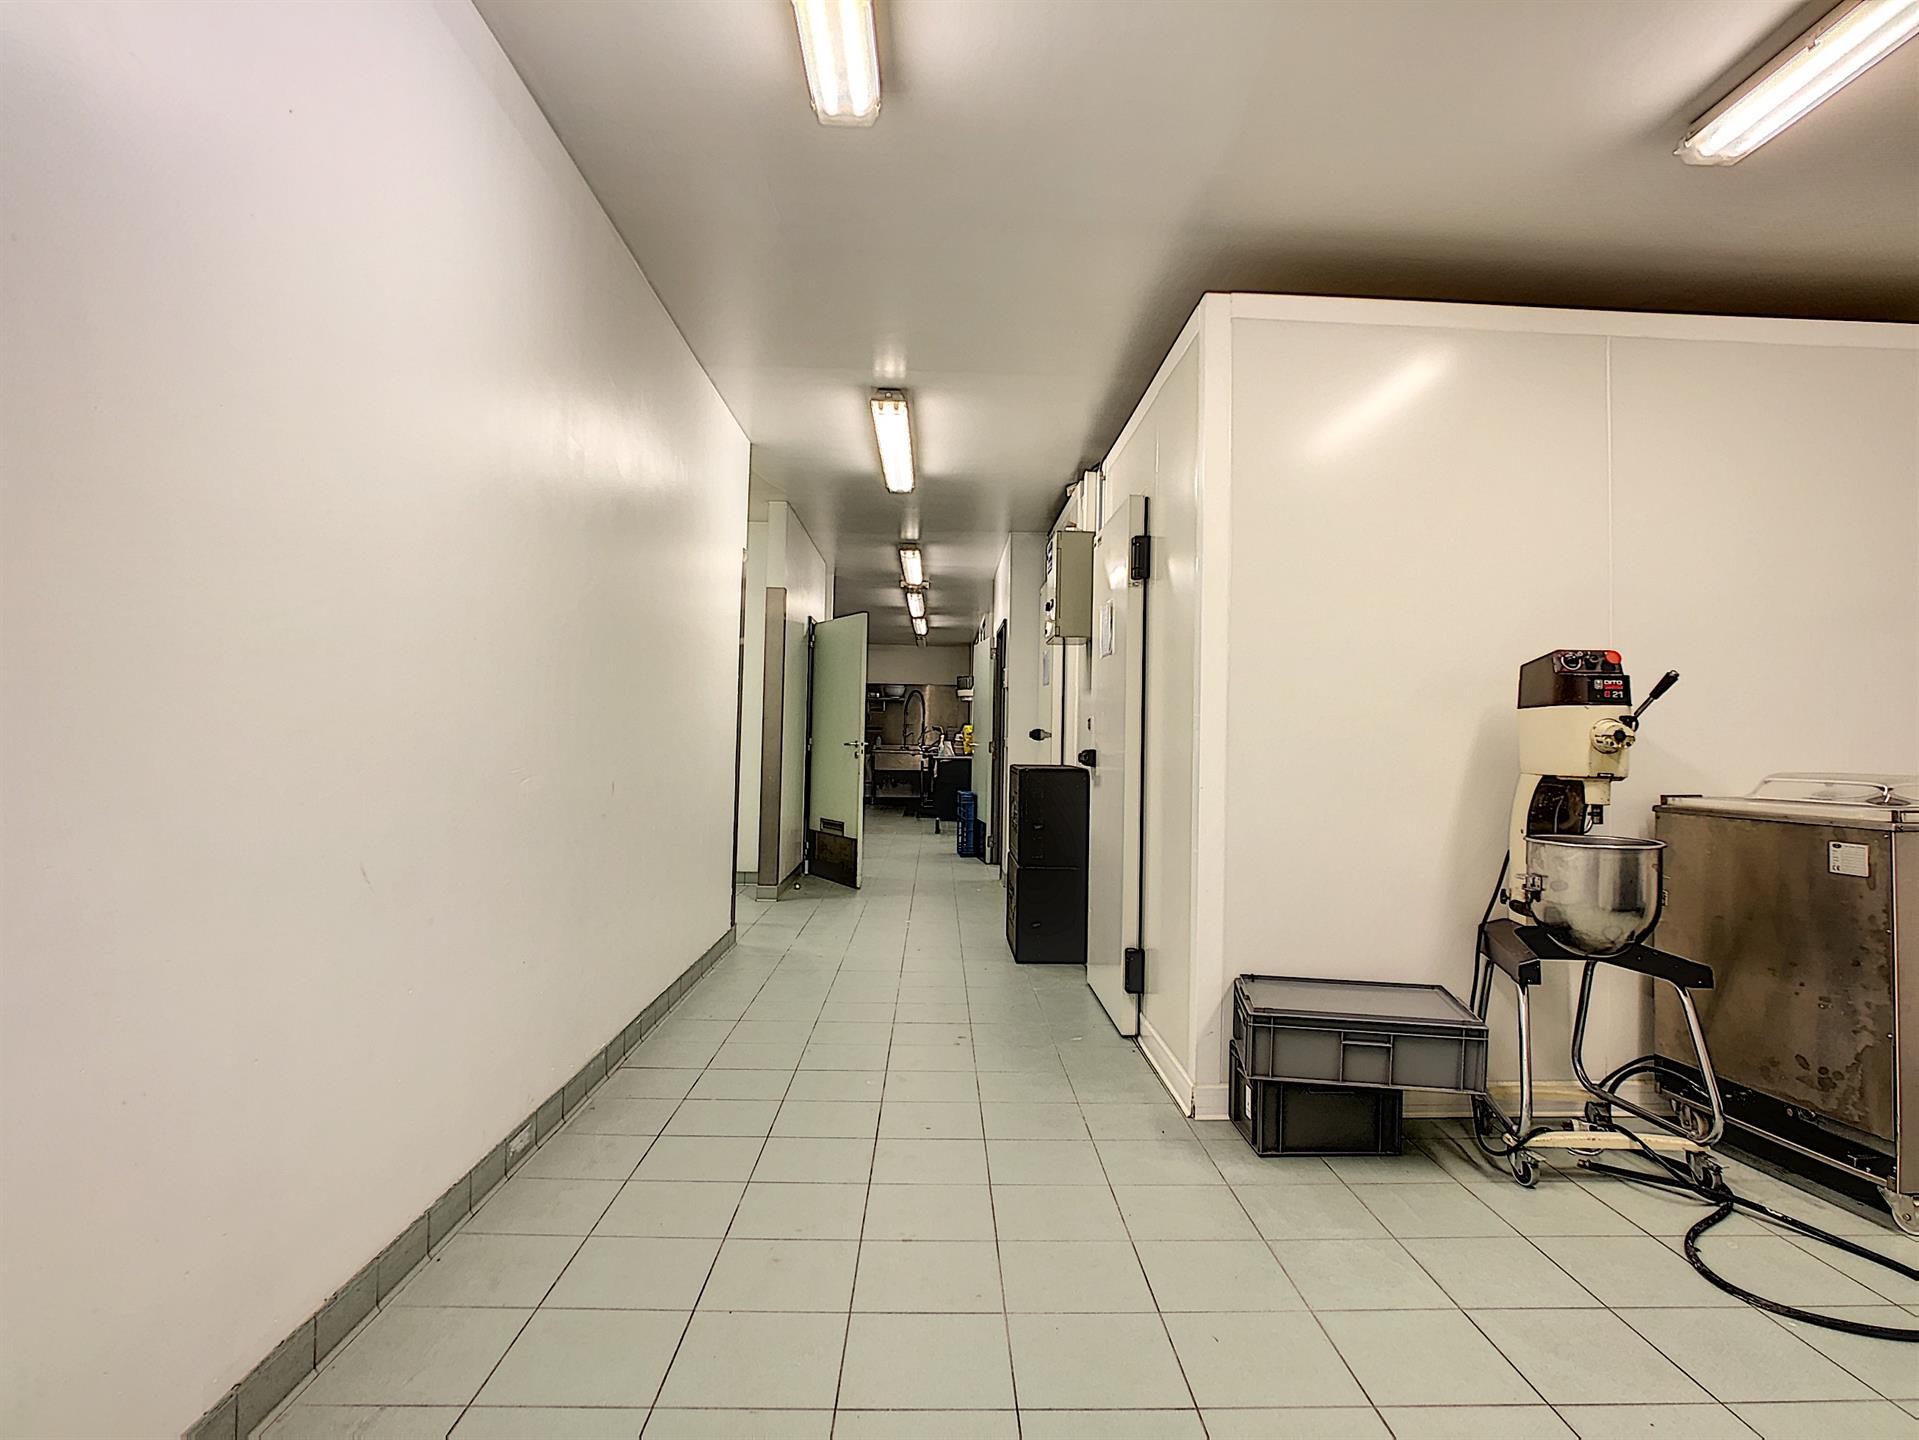 Bureaux & entrepôts - Molenbeek-Saint-Jean - #4036306-6